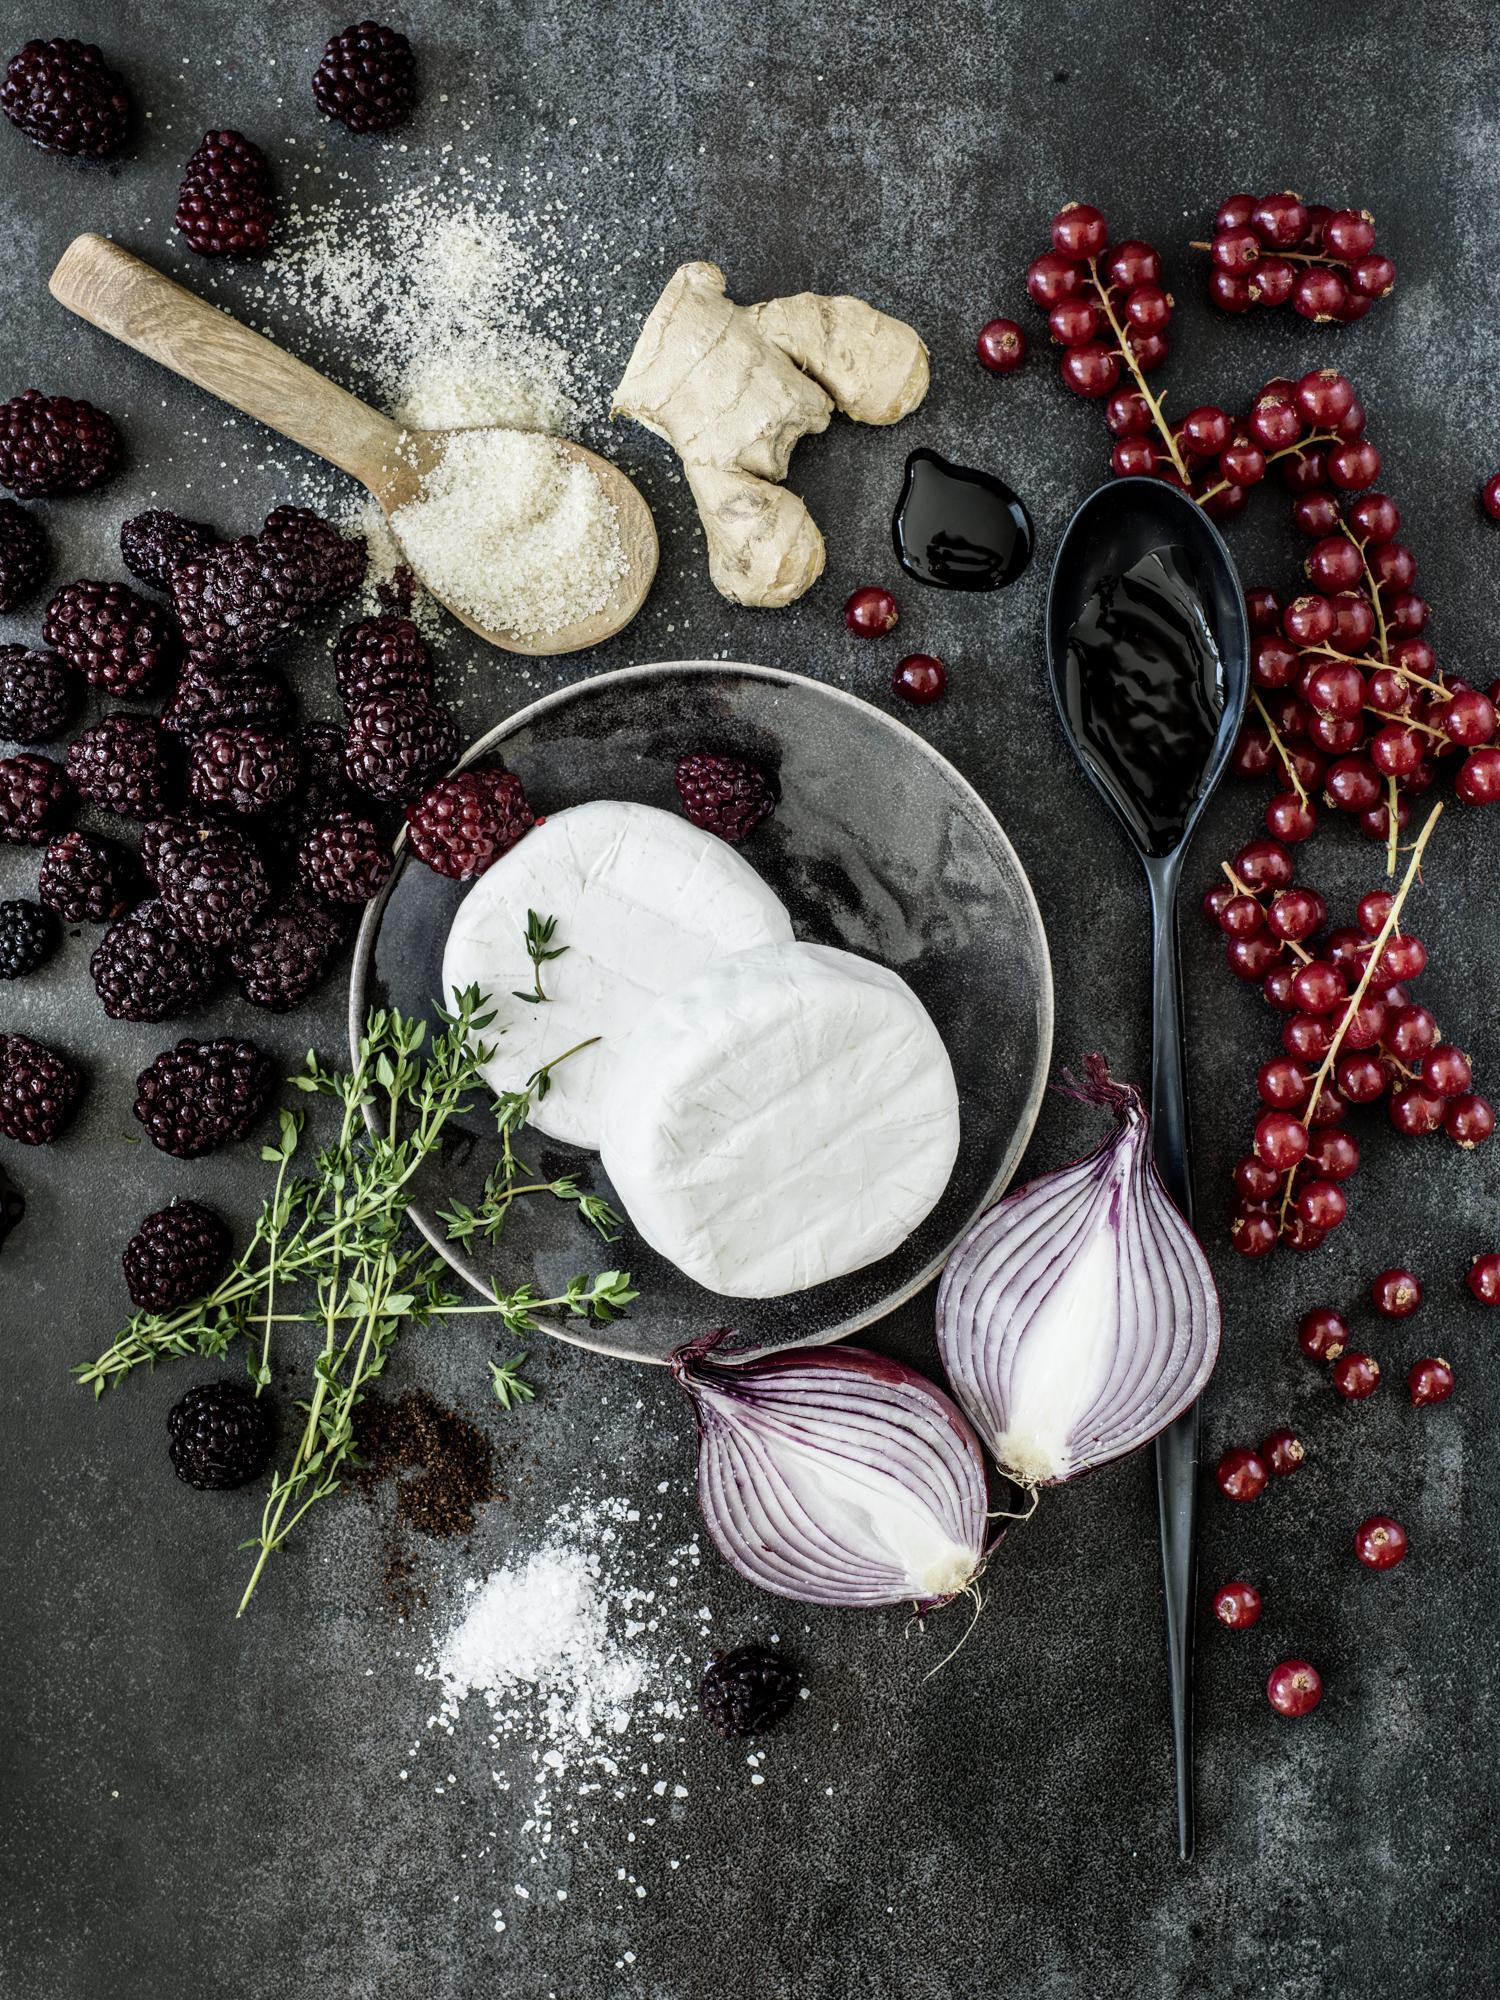 Food-Fotografie Bowls, Stefan Schmidlin Fotograf Basel; Bild 17.jpg